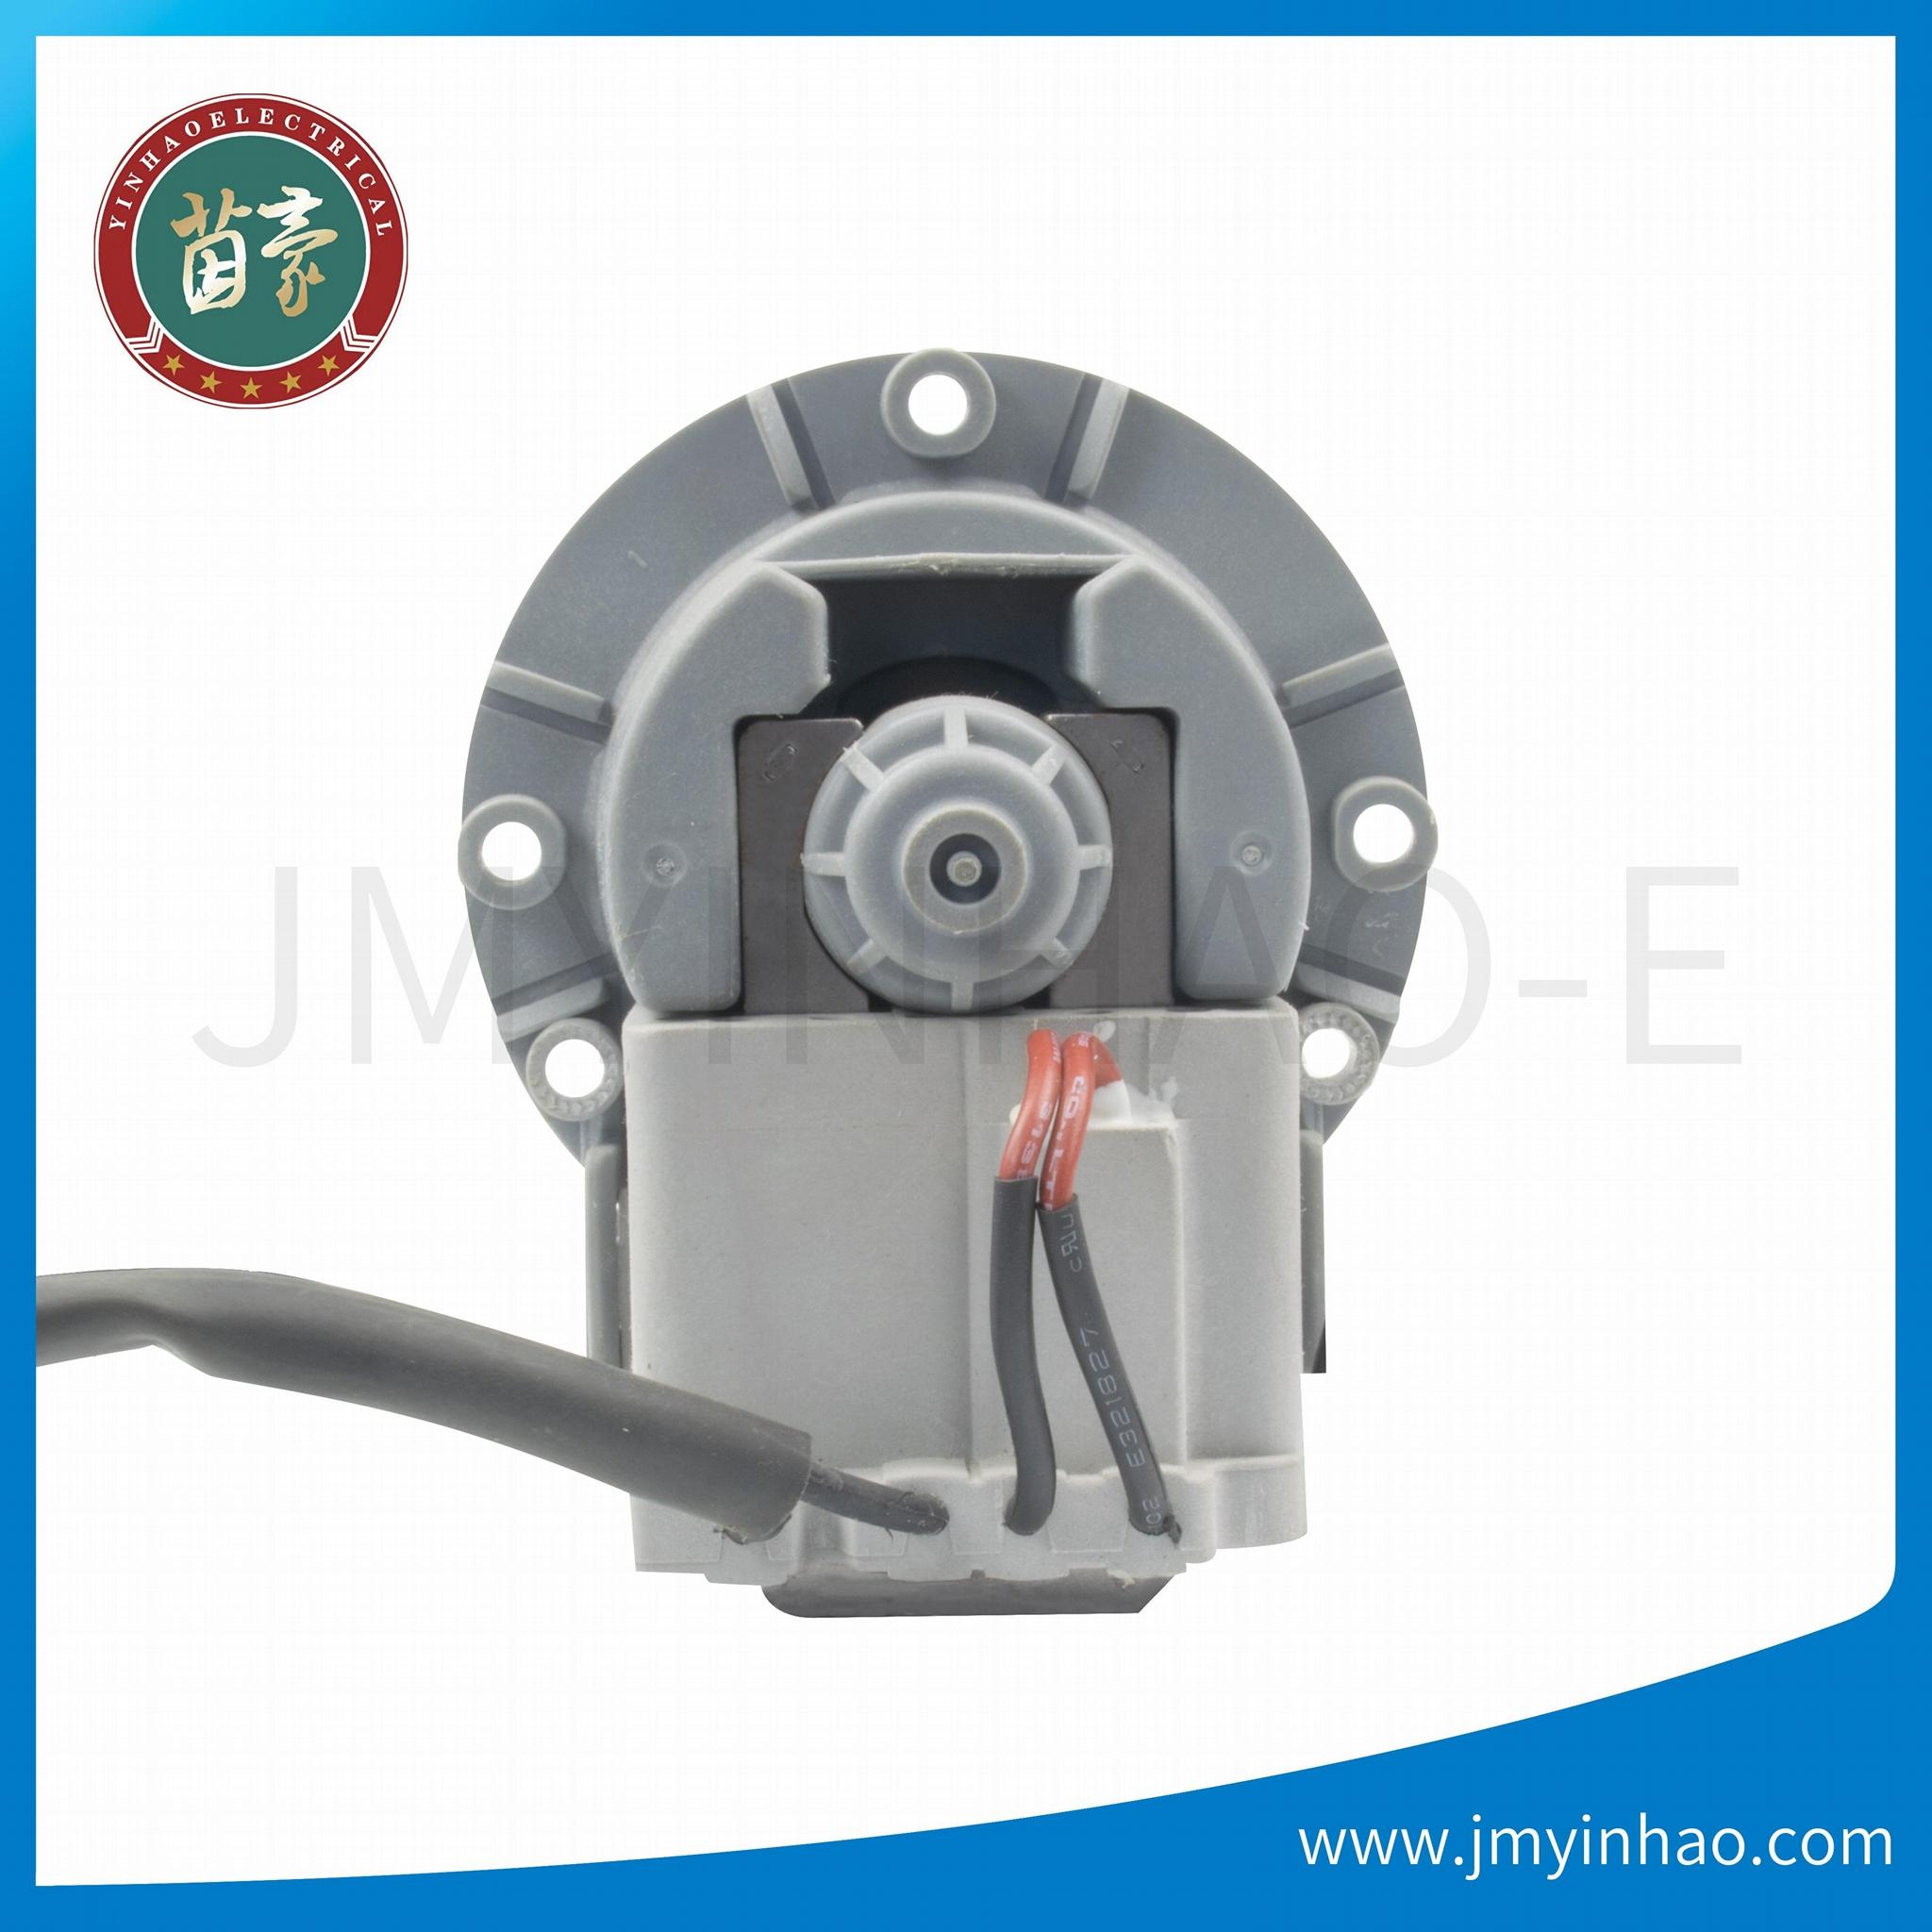 washing machine spare parts/JMYINHAO-E/drain pump for washing machine 4